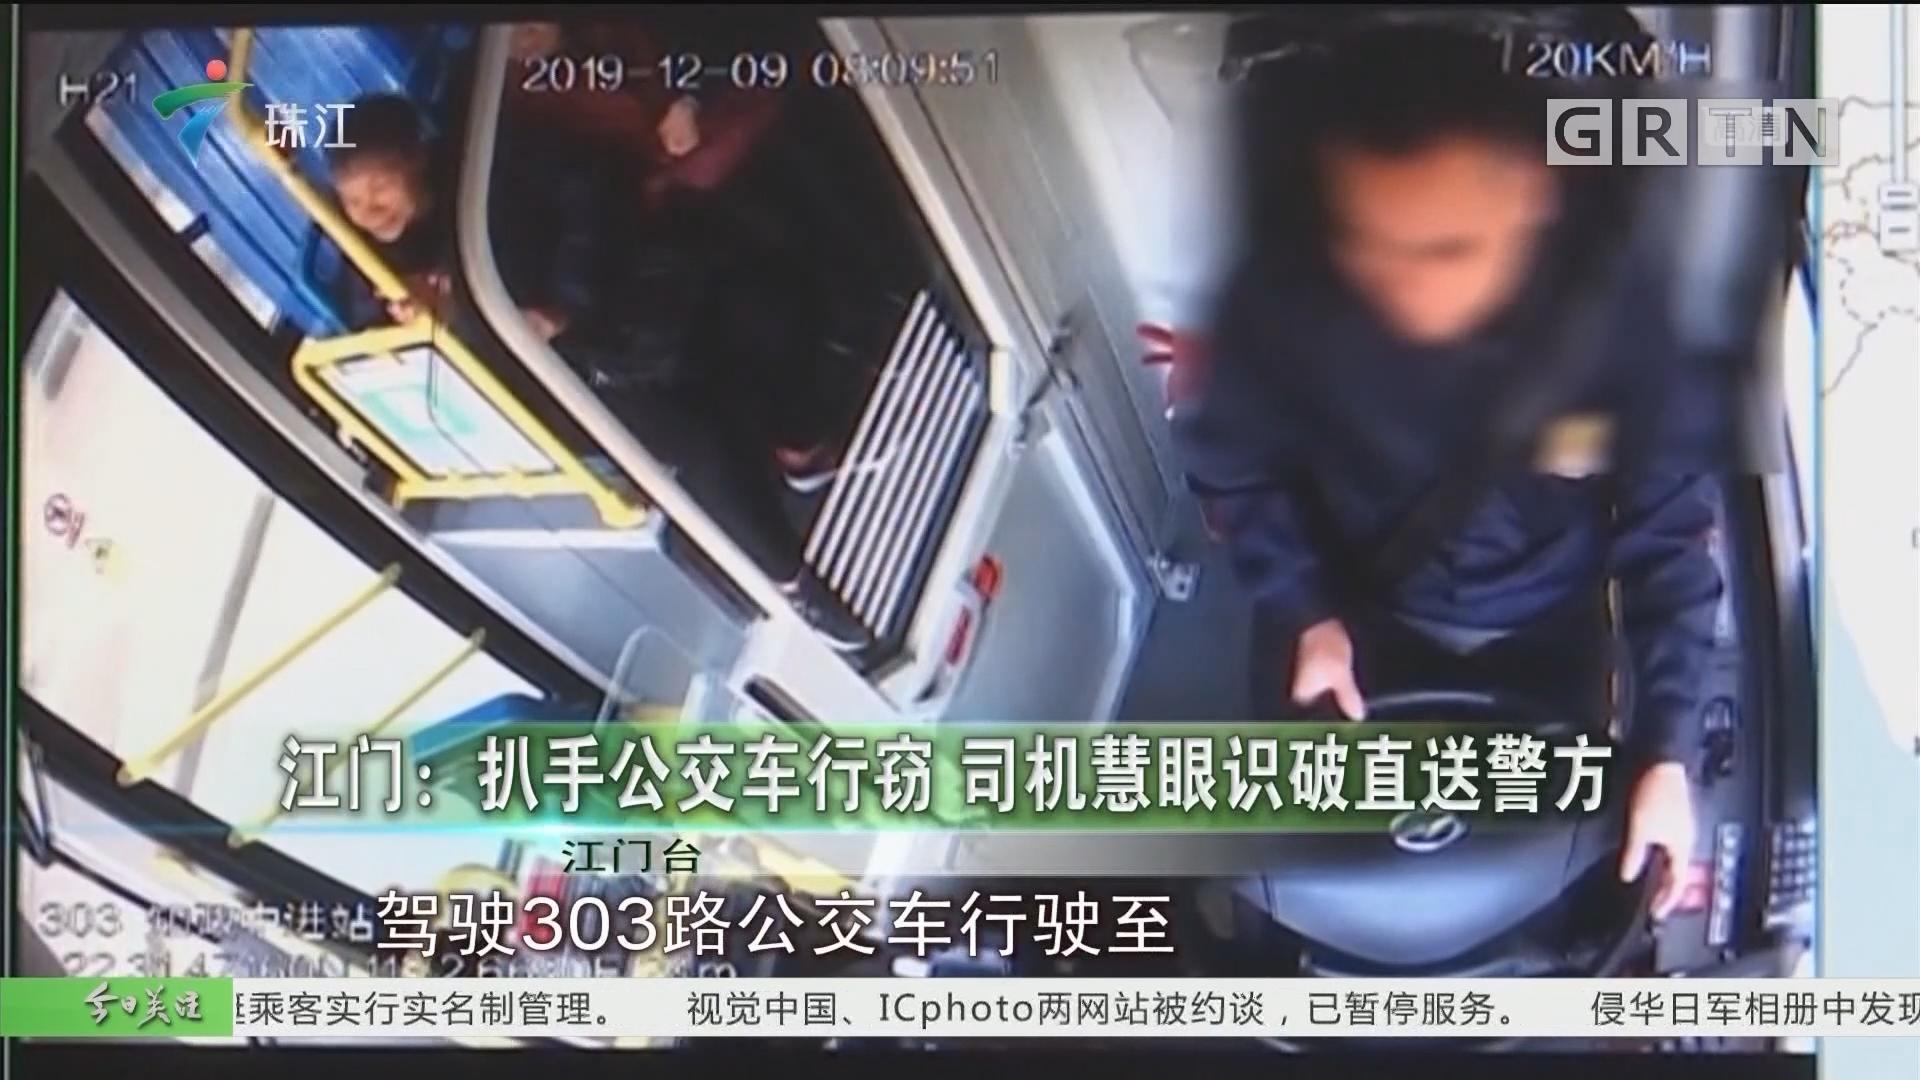 江门:扒手公交车行窃 司机慧眼识破直送警方